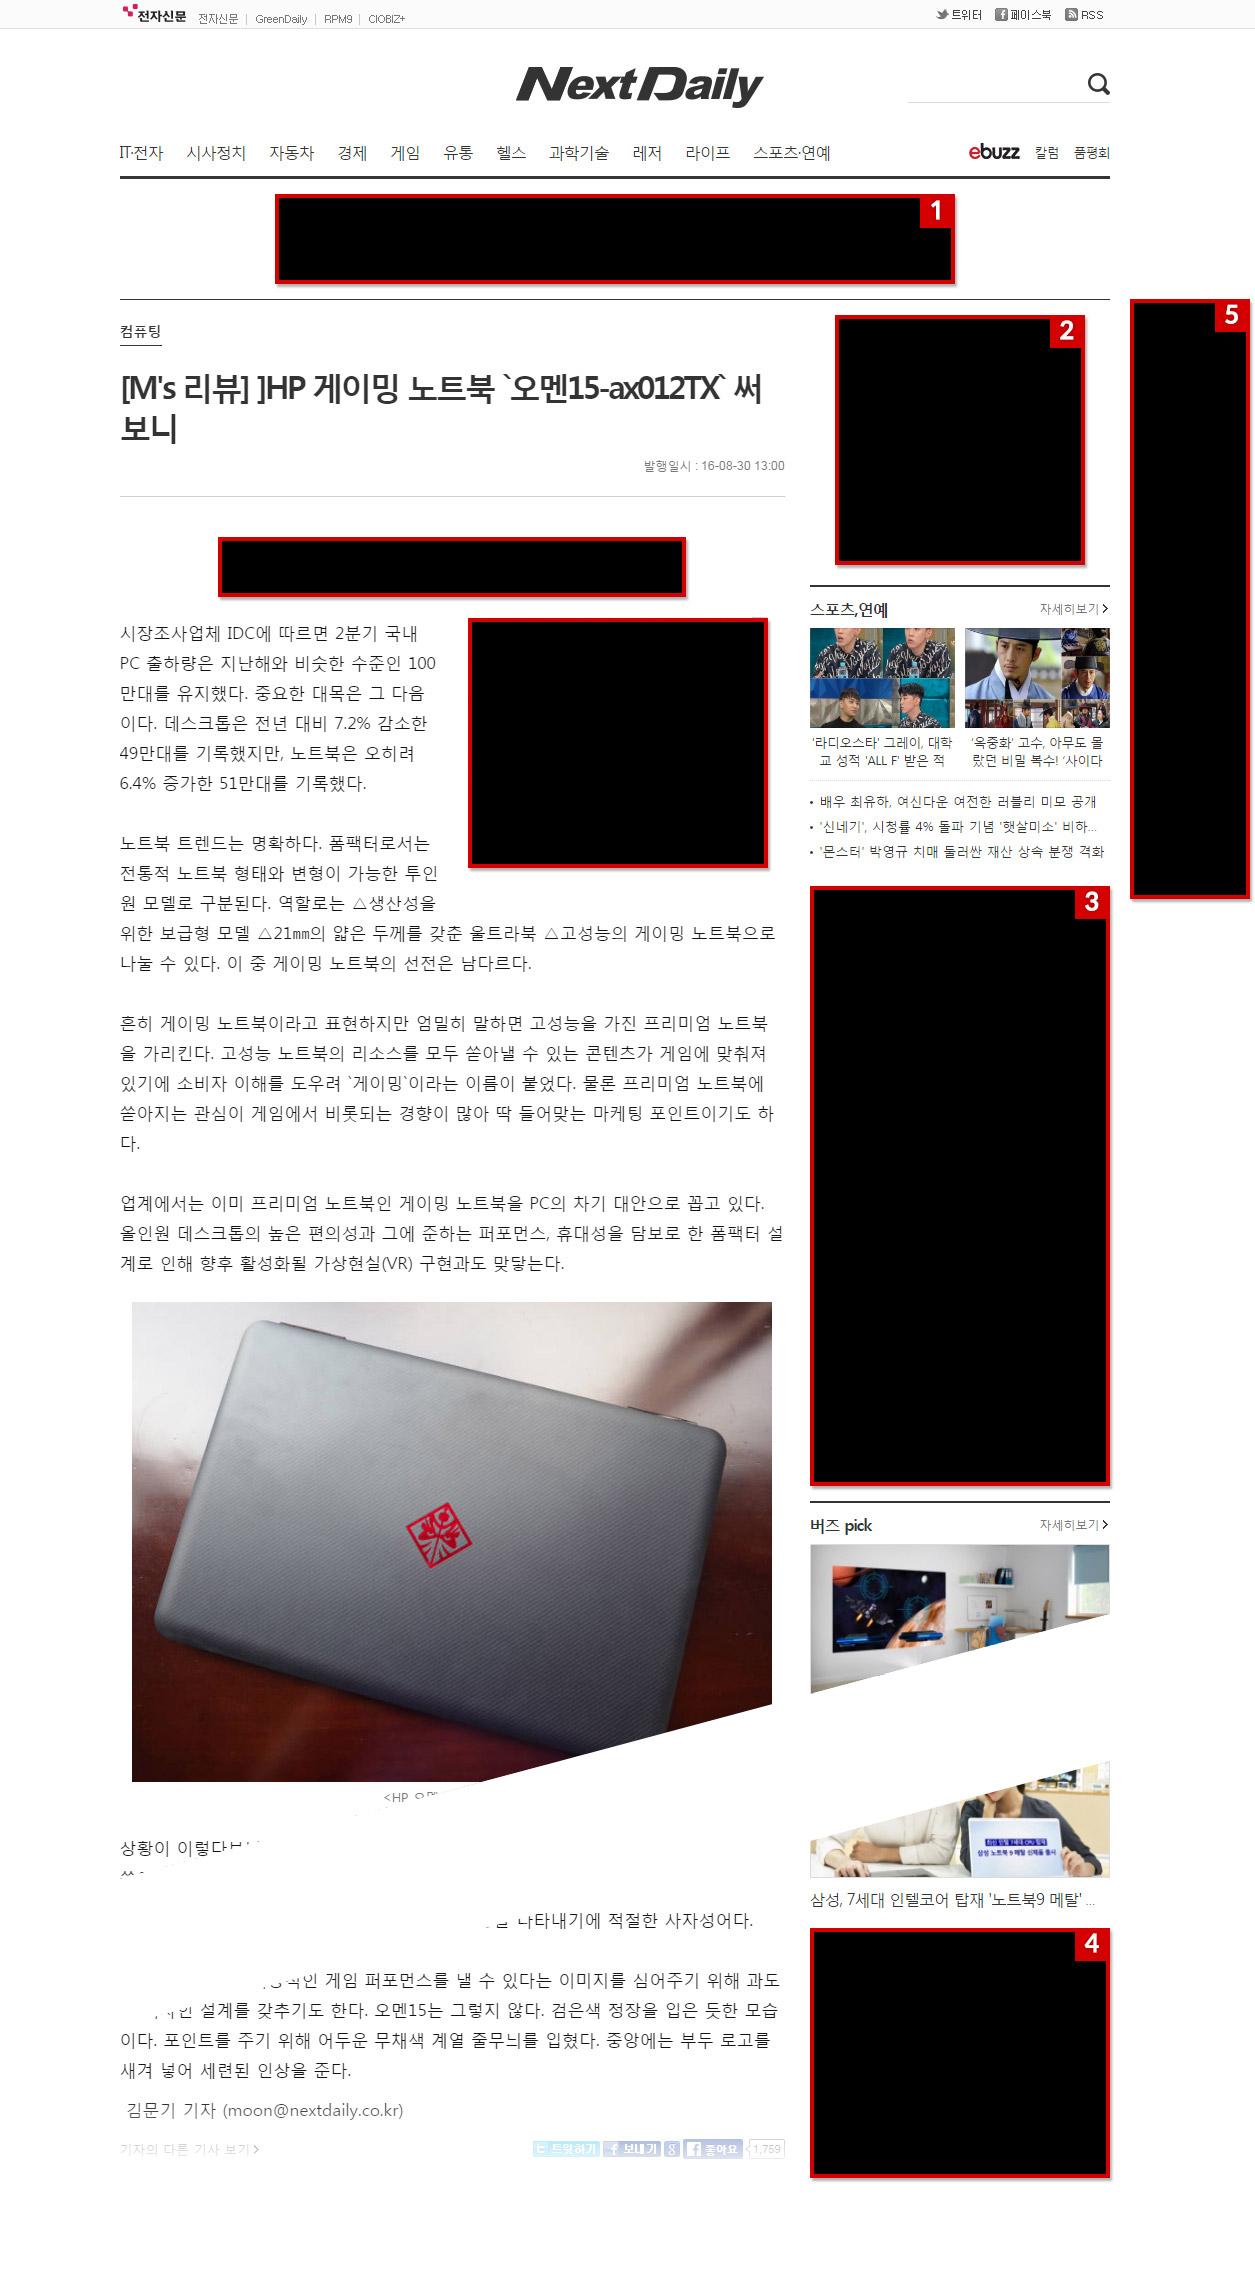 넥스트데일리 기사 상세 페이지 광고 안내